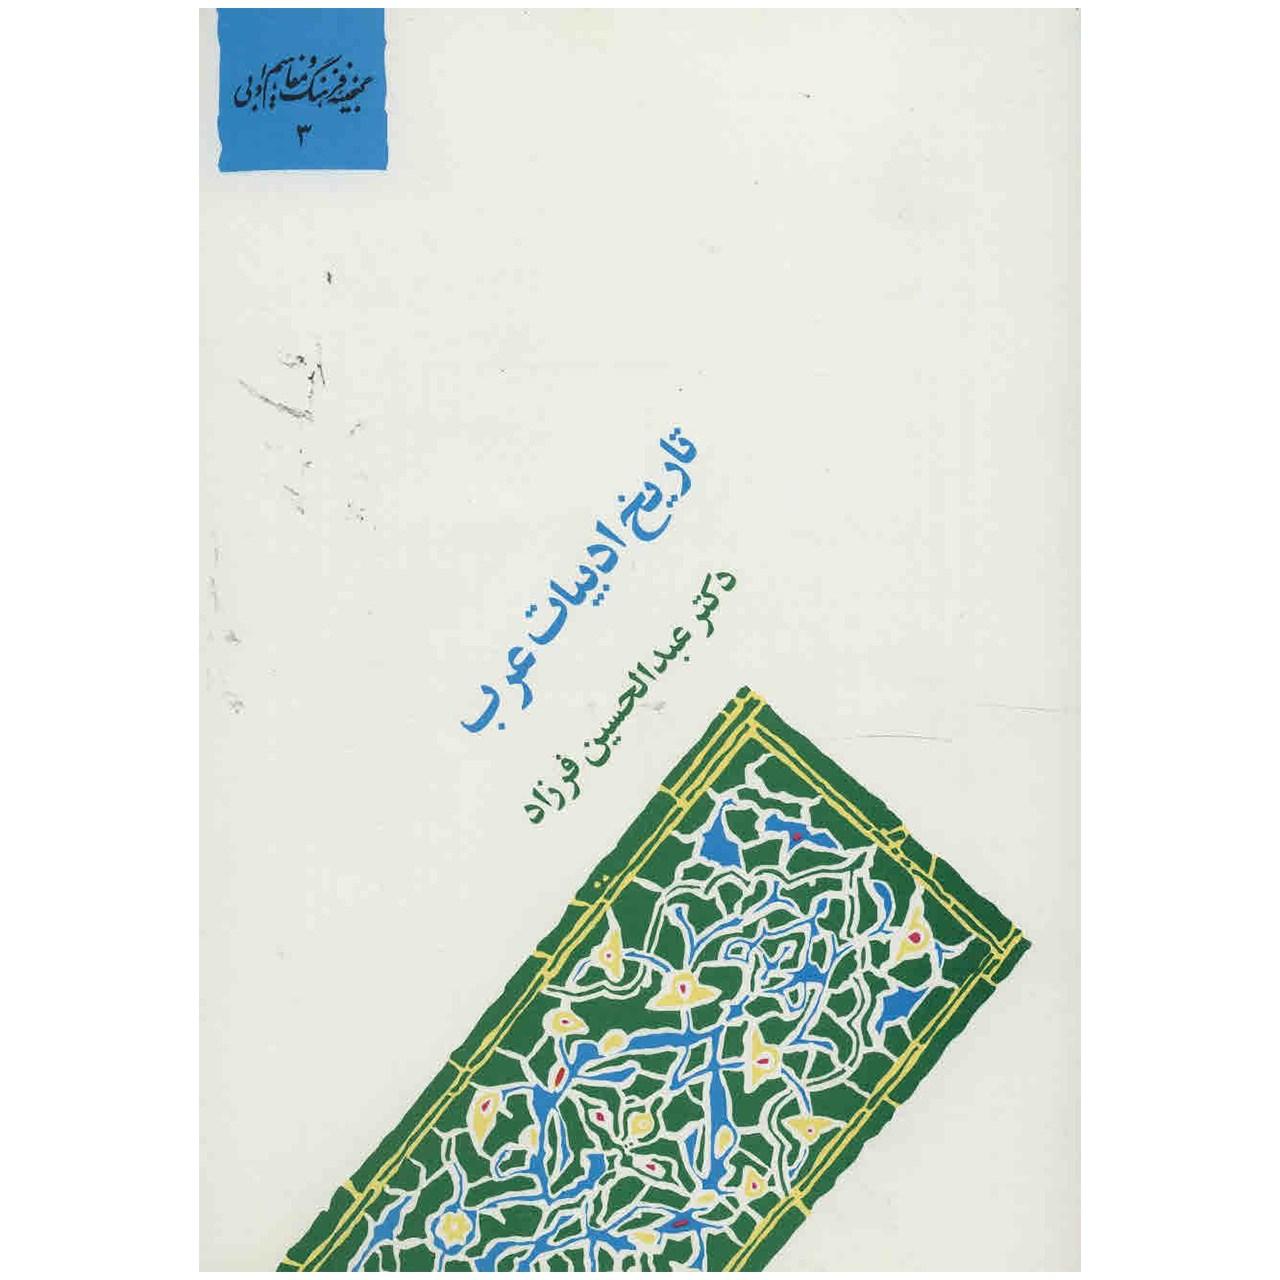 کتاب تاریخ ادبیات عرب اثر عبدالحسین فرزاد